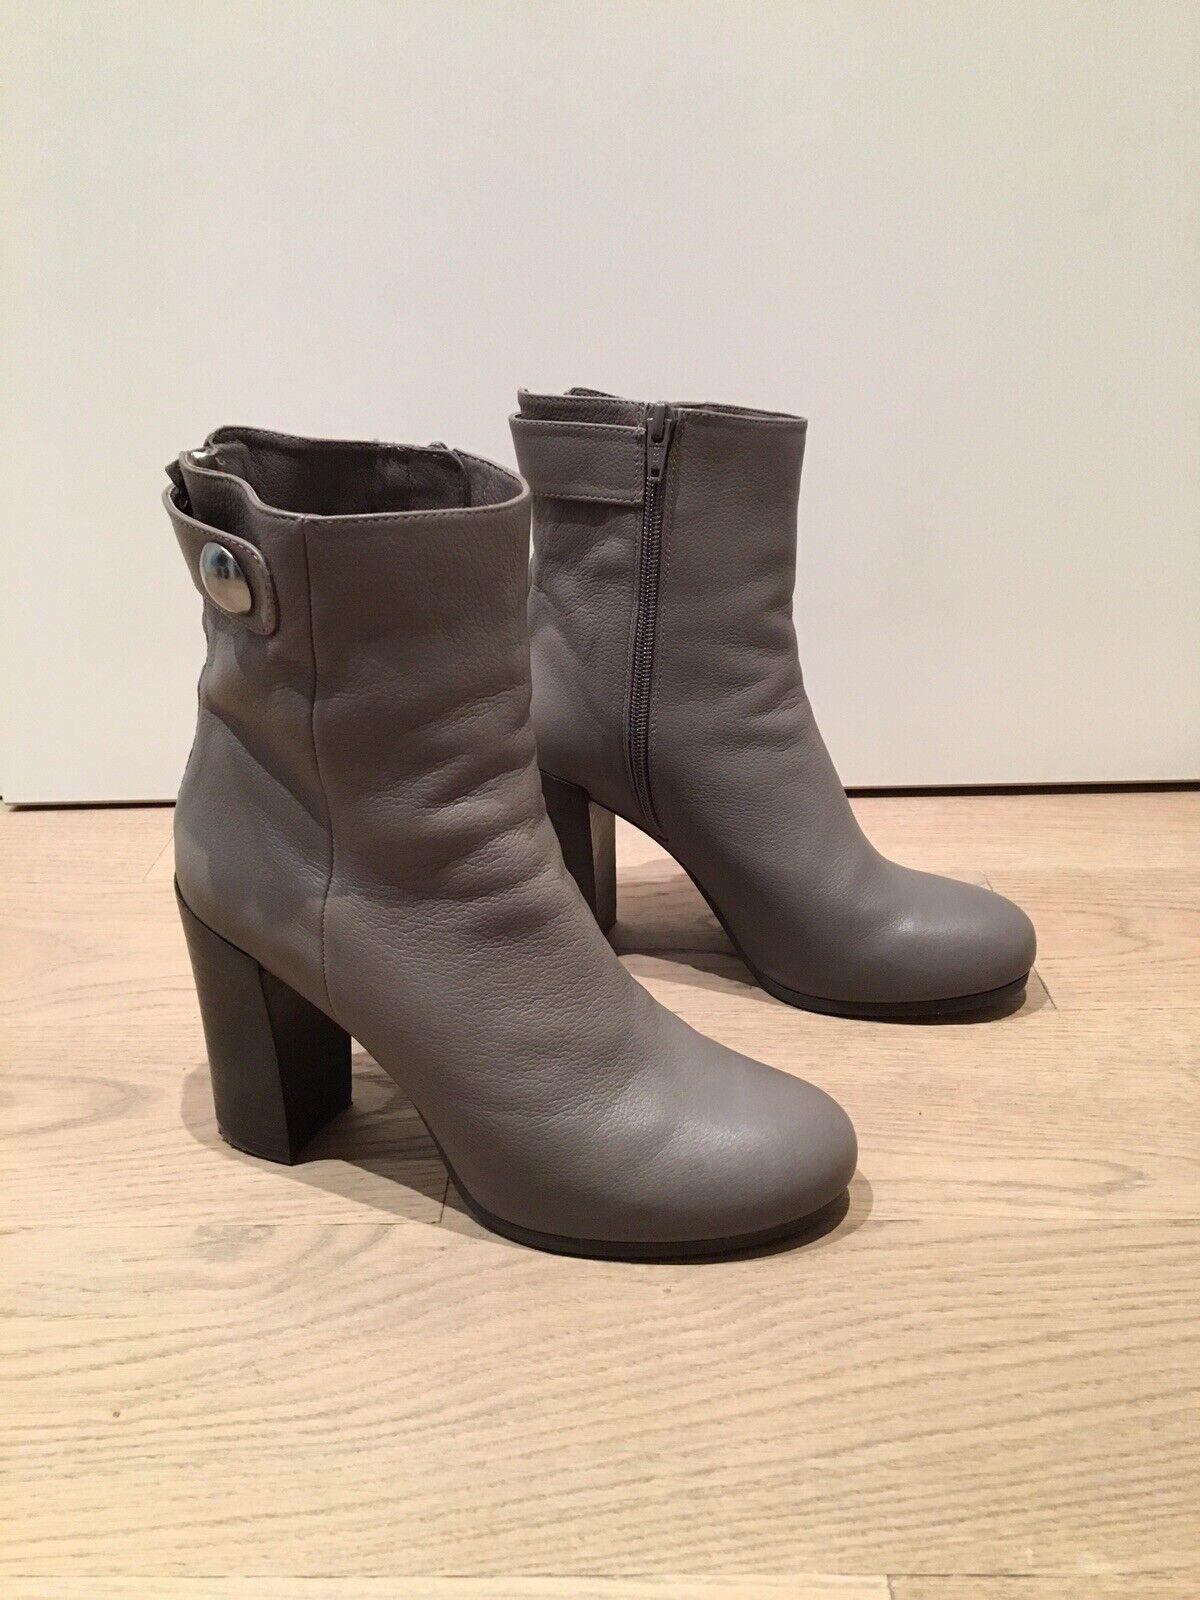 Unisa Stiefelette Stiefel Ankle Stiefel grau Größe 38 Echtleder